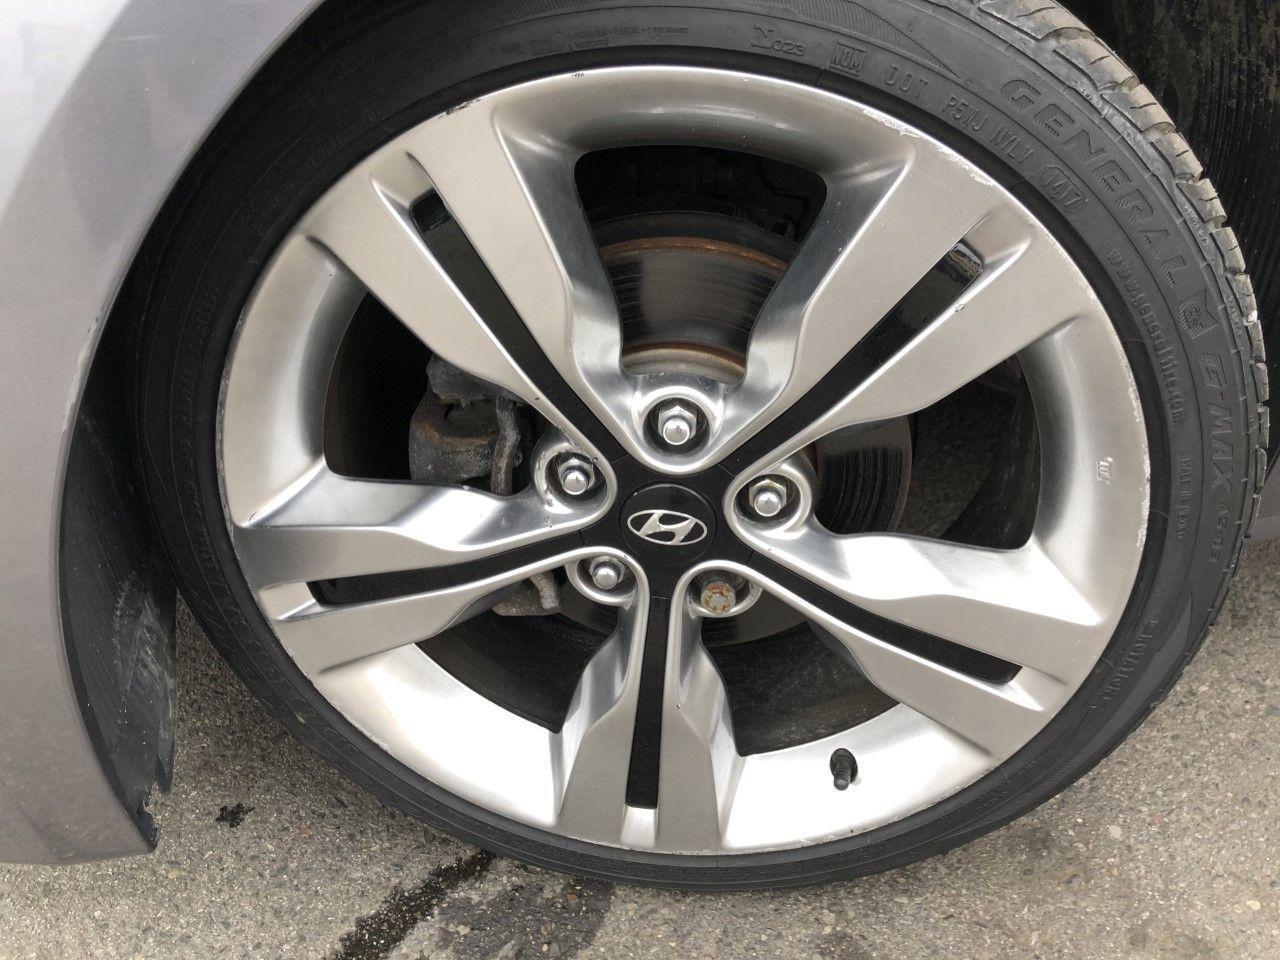 2014 Hyundai Veloster